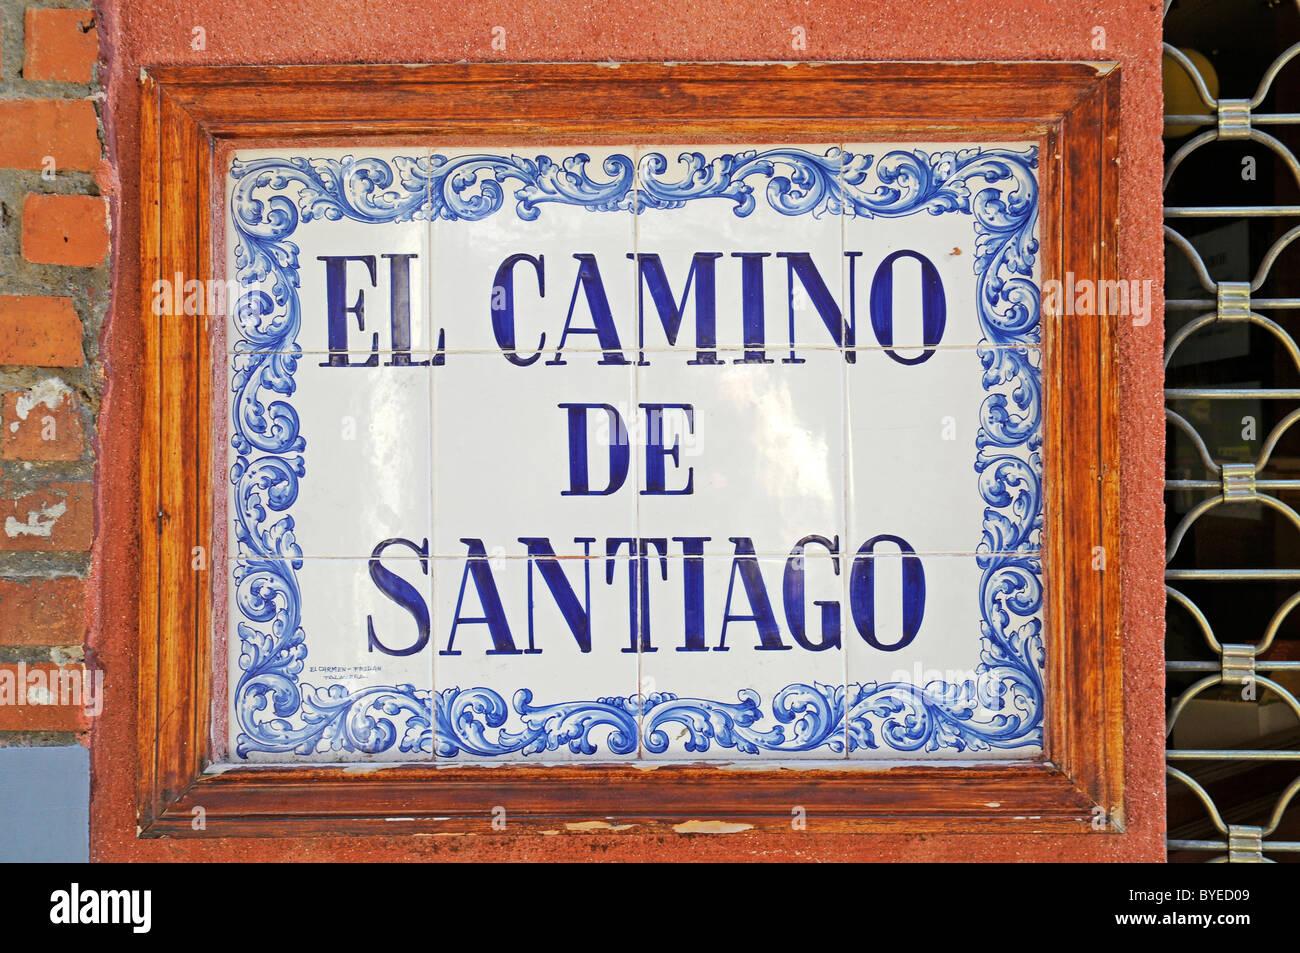 El camino de santiago segno piastrelle spagnolo azulejos leon